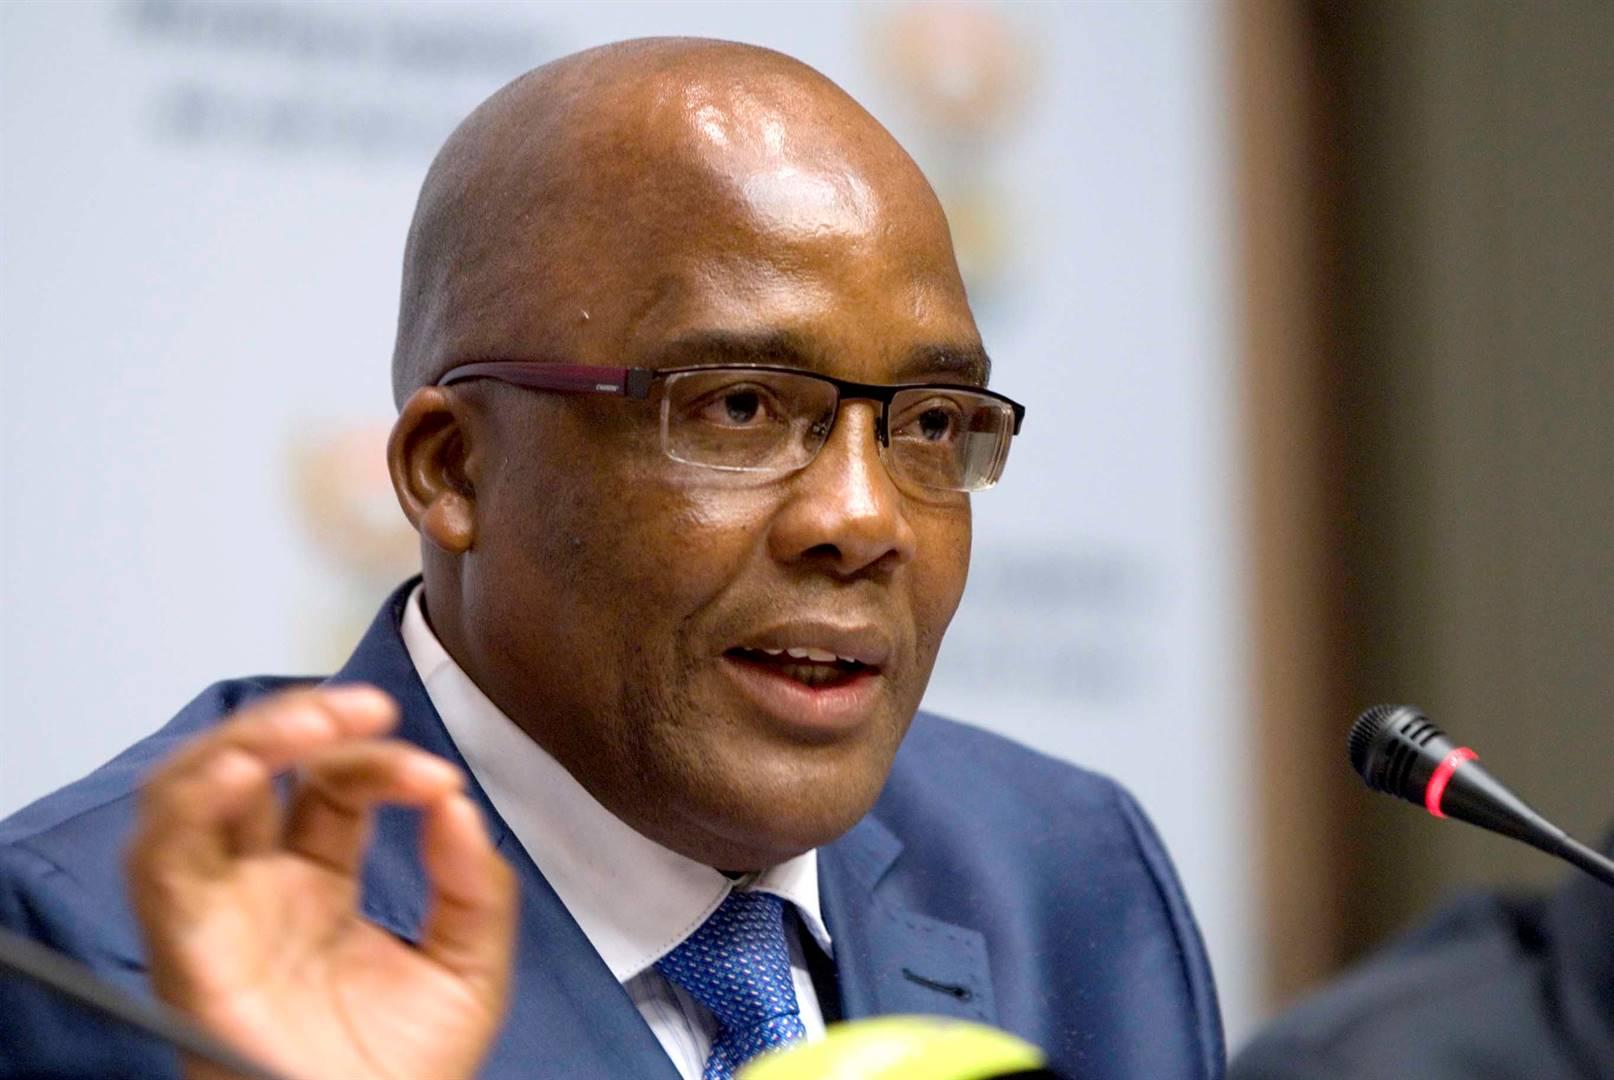 SA bestee bykans R9 miljoen aan om ongedokumenteerde migrante huis toe te laat vlieg - volgens die parlement - News24